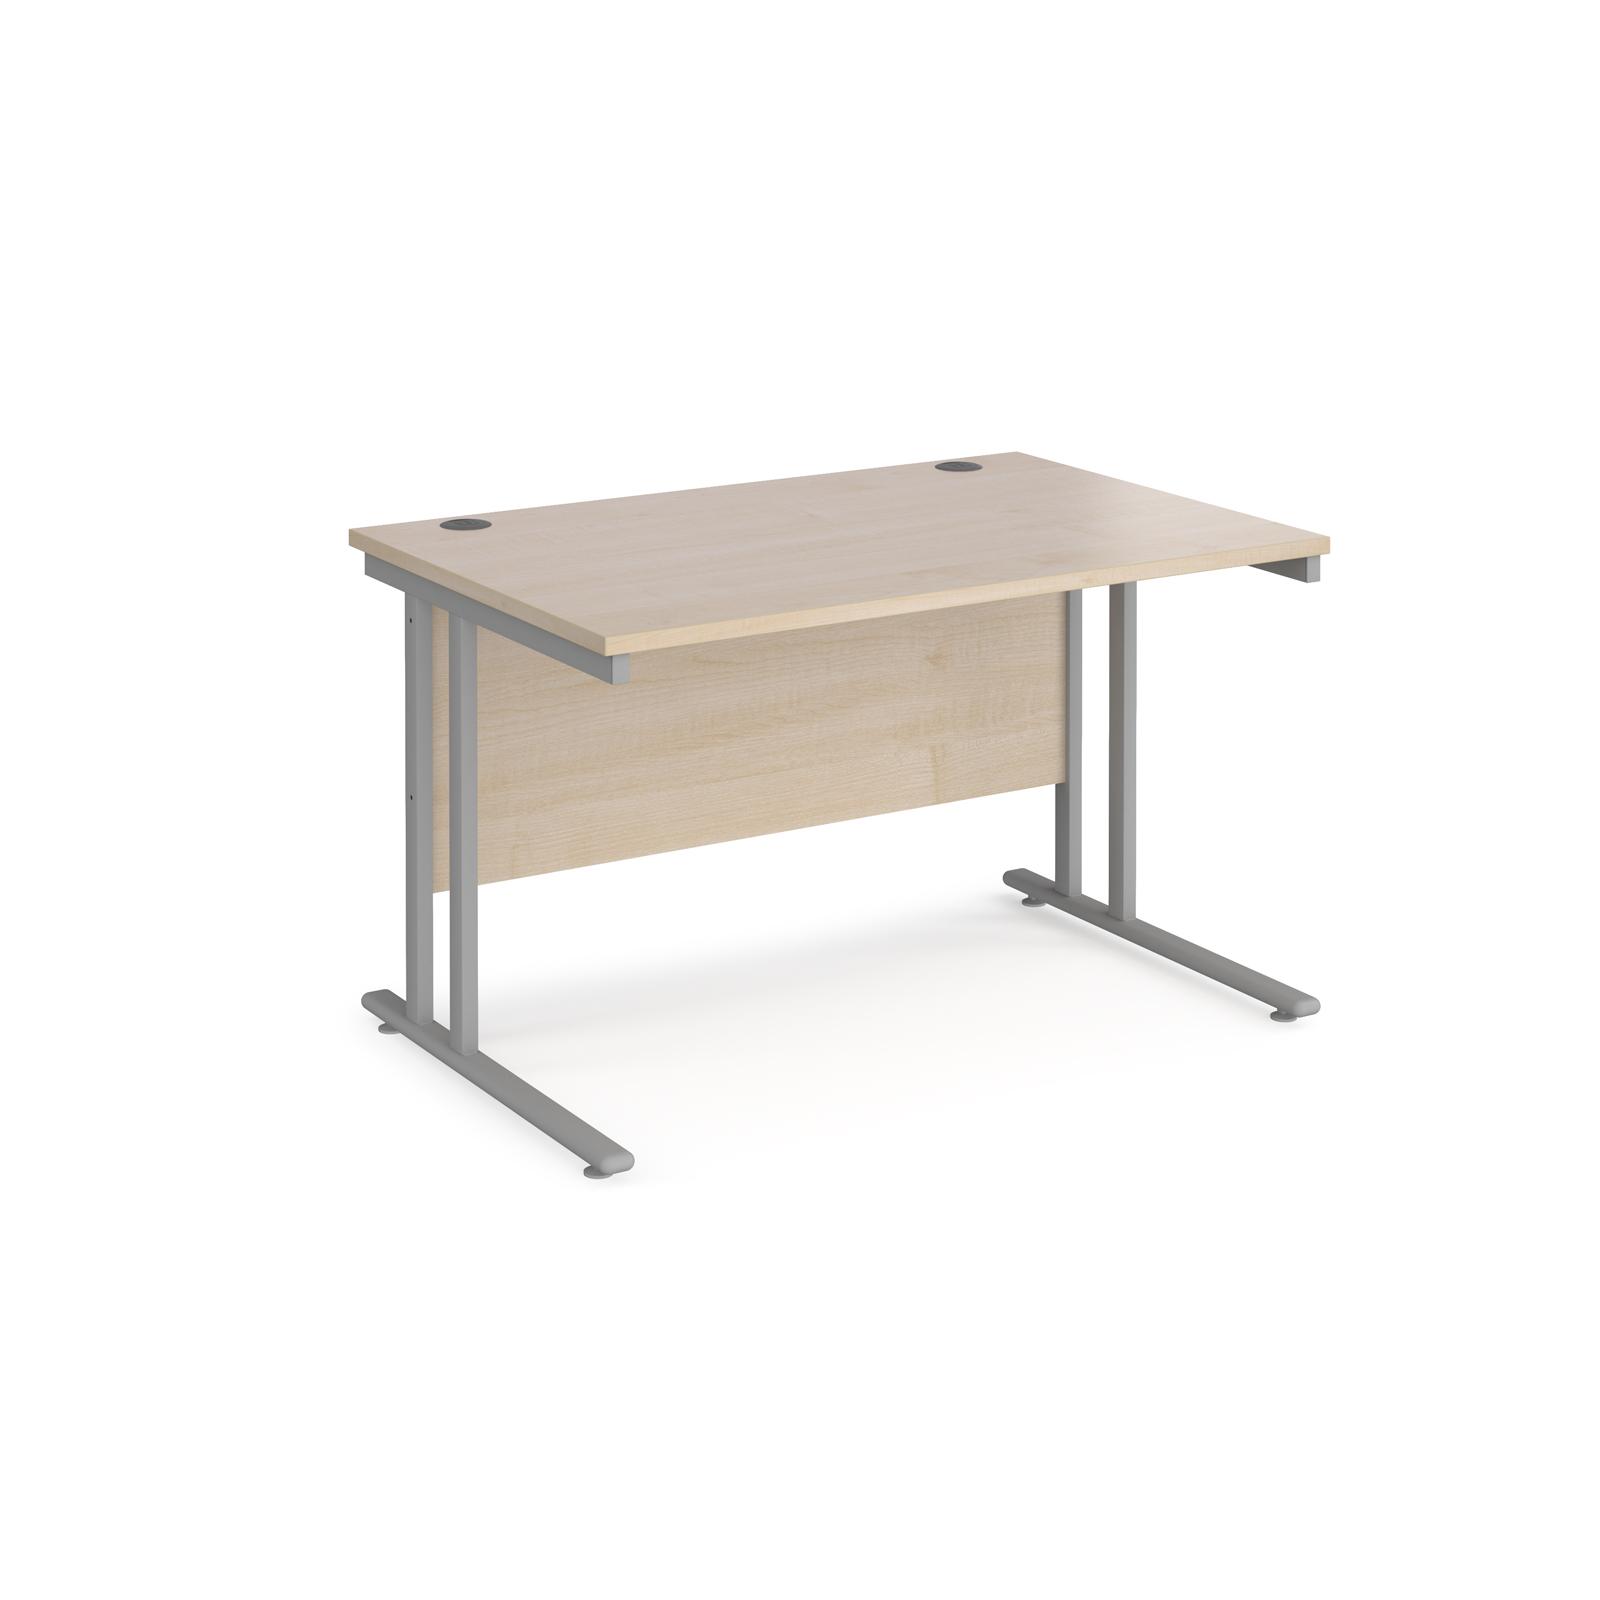 Image for Maestro 25 SL 1200mm Cantilever Straight Desk Silver Maple